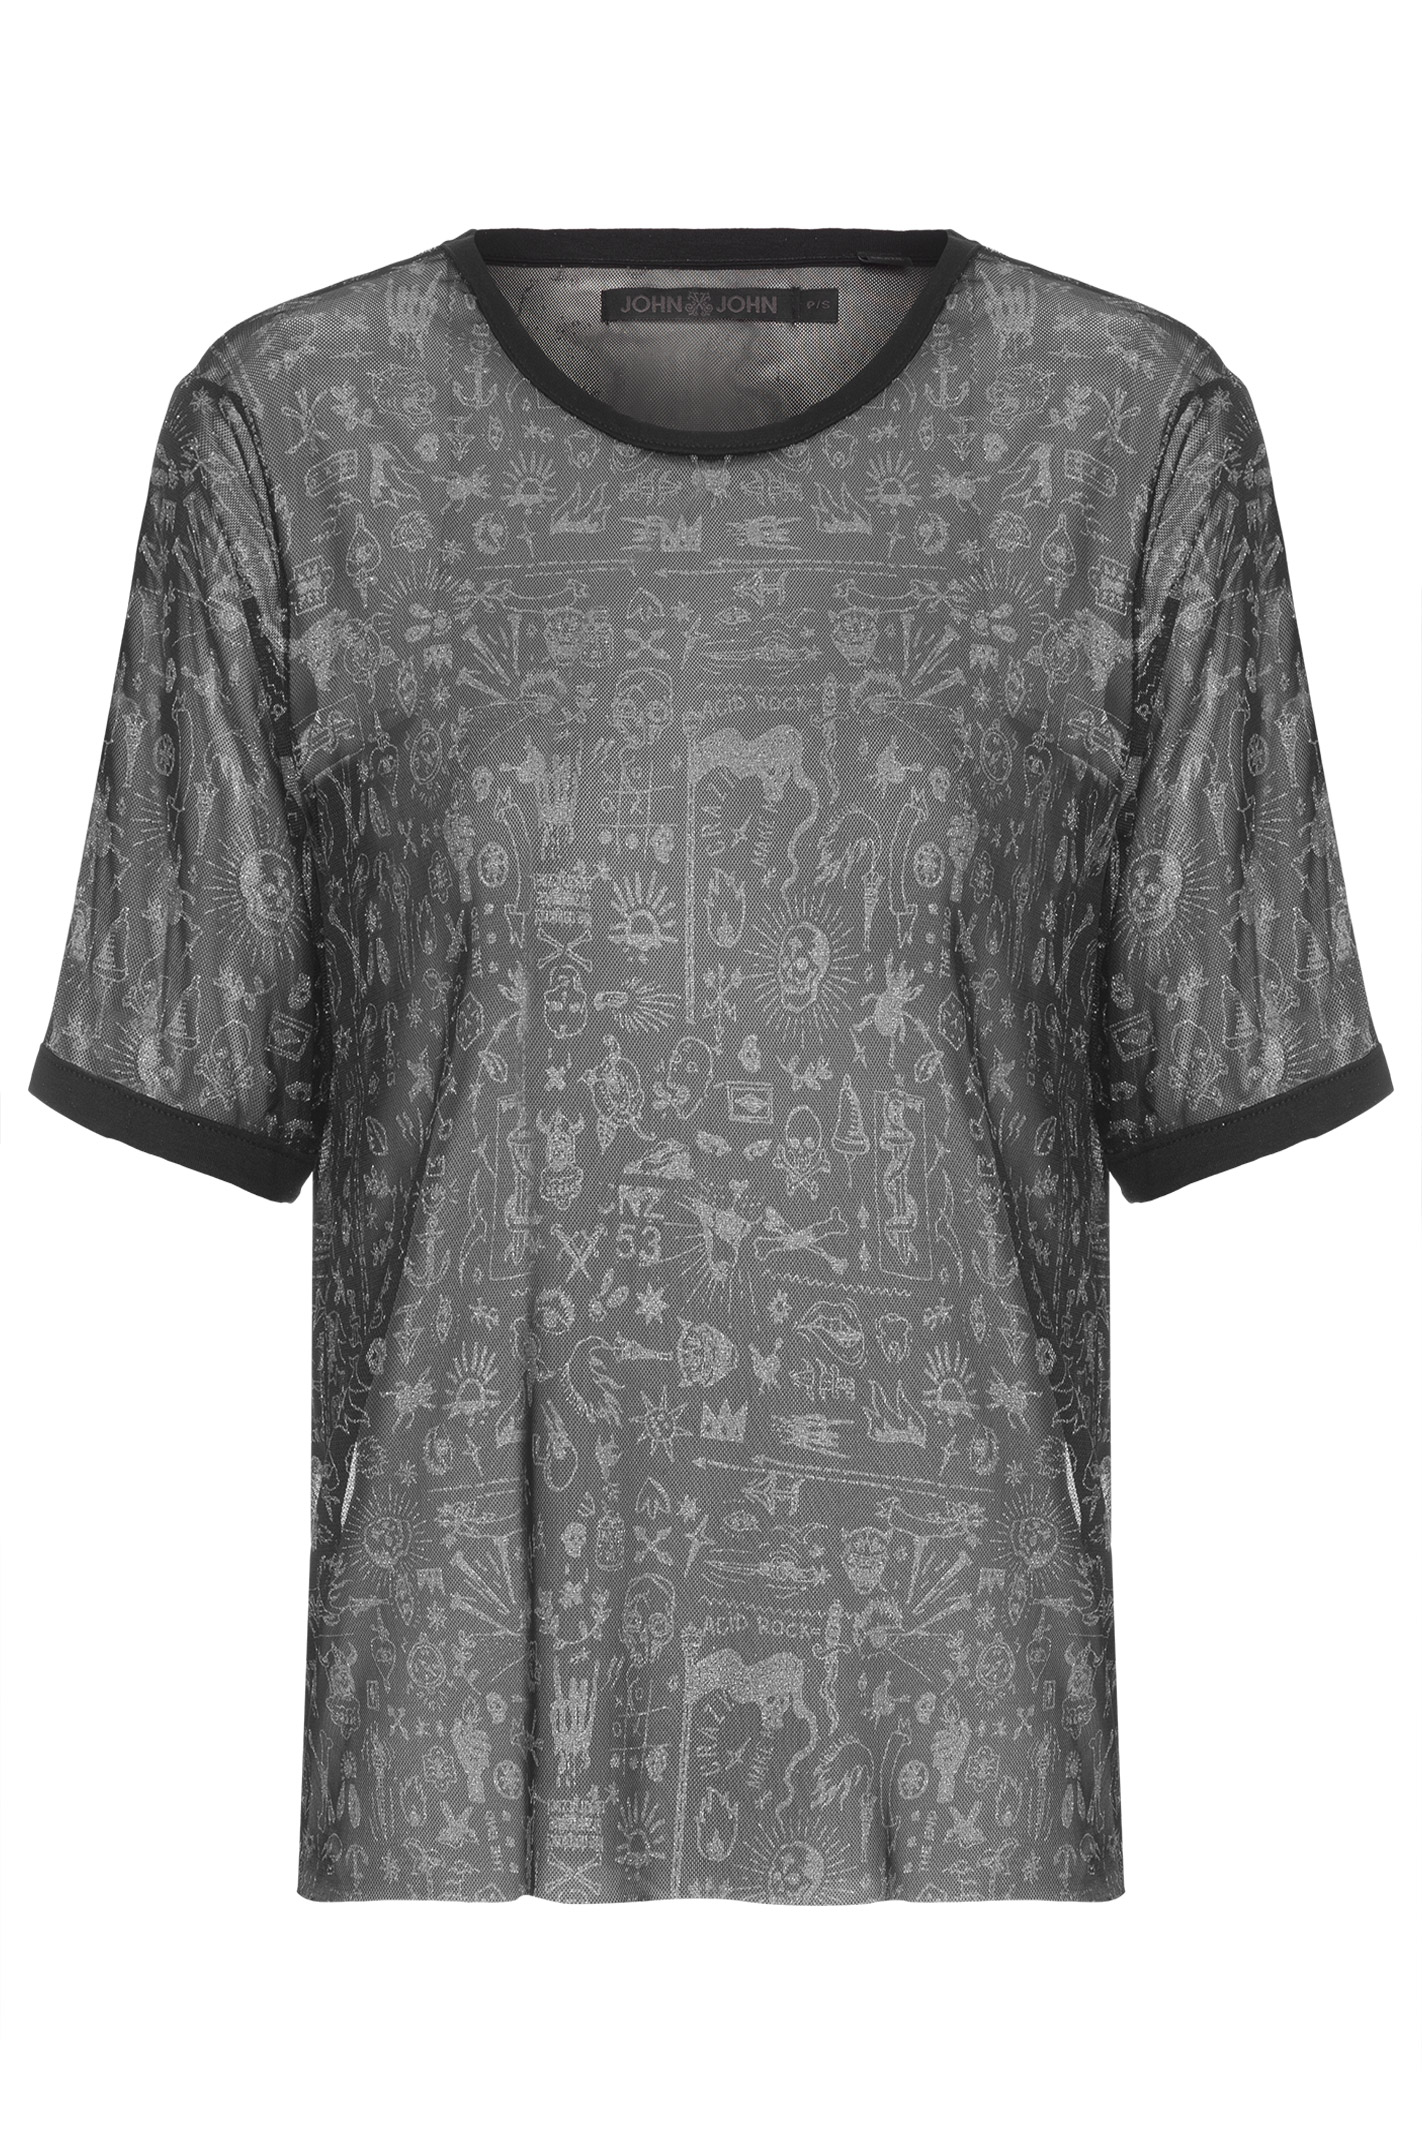 T Shirt Tule Full Print